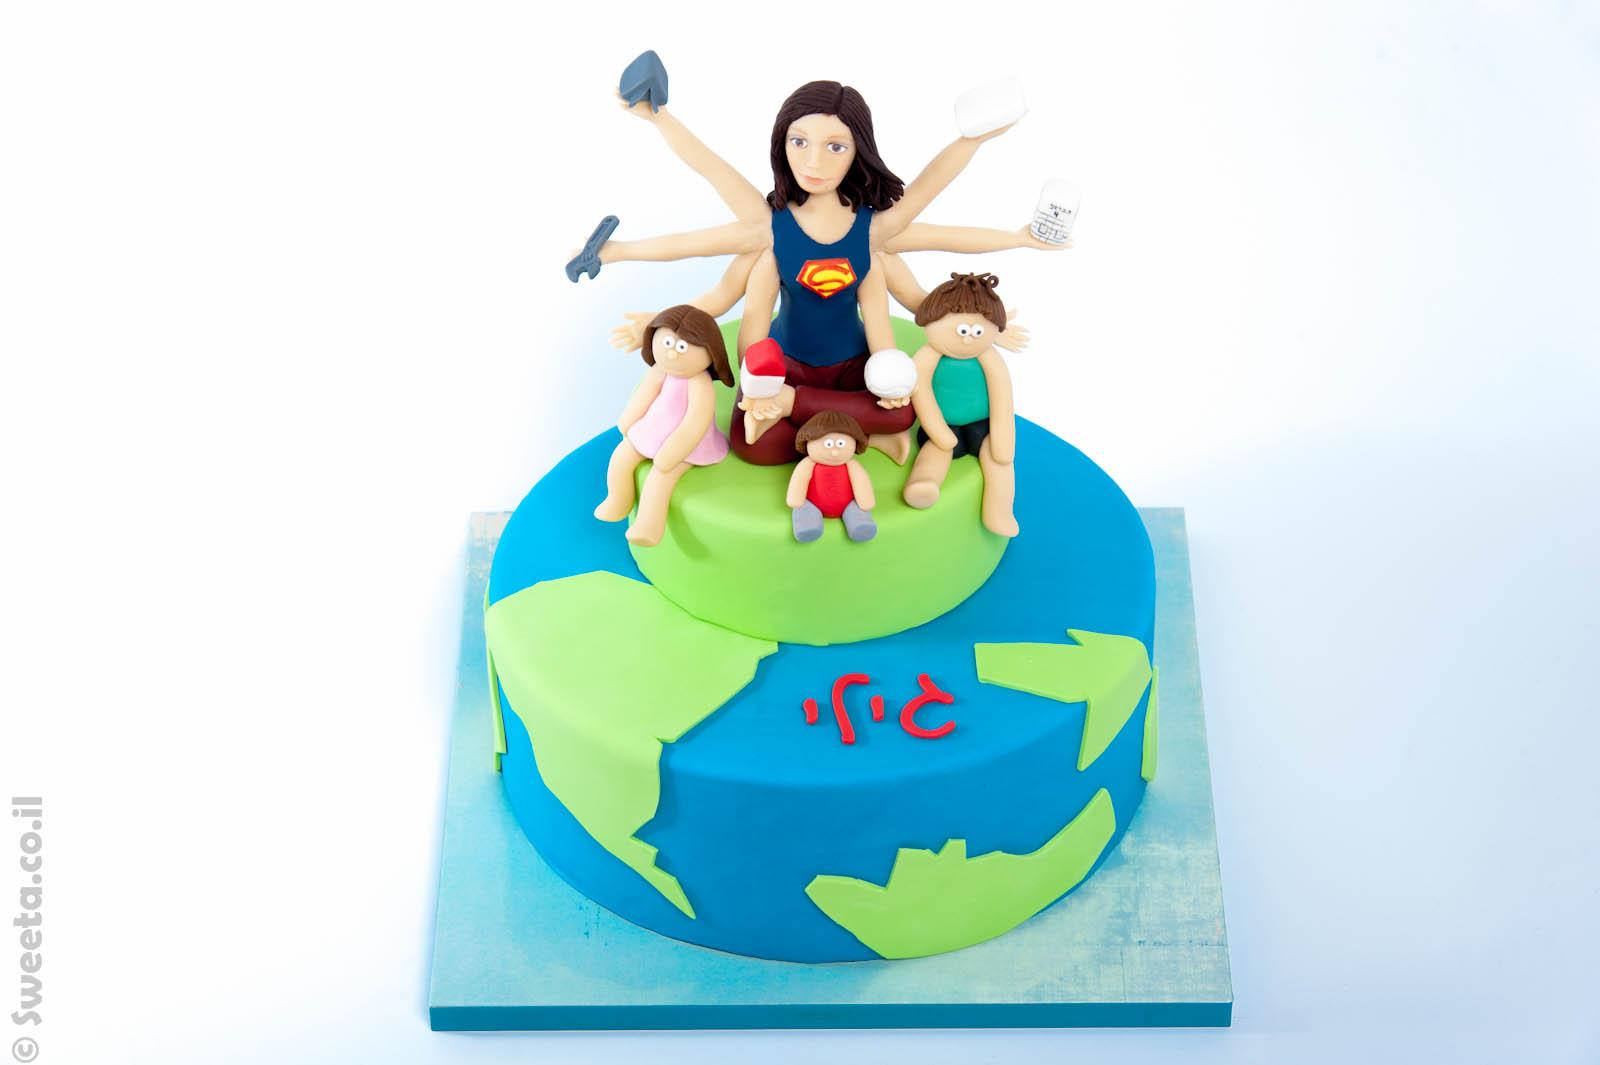 עוגת סופר אמא כל יכולה מעוצבת בבצק סוכר